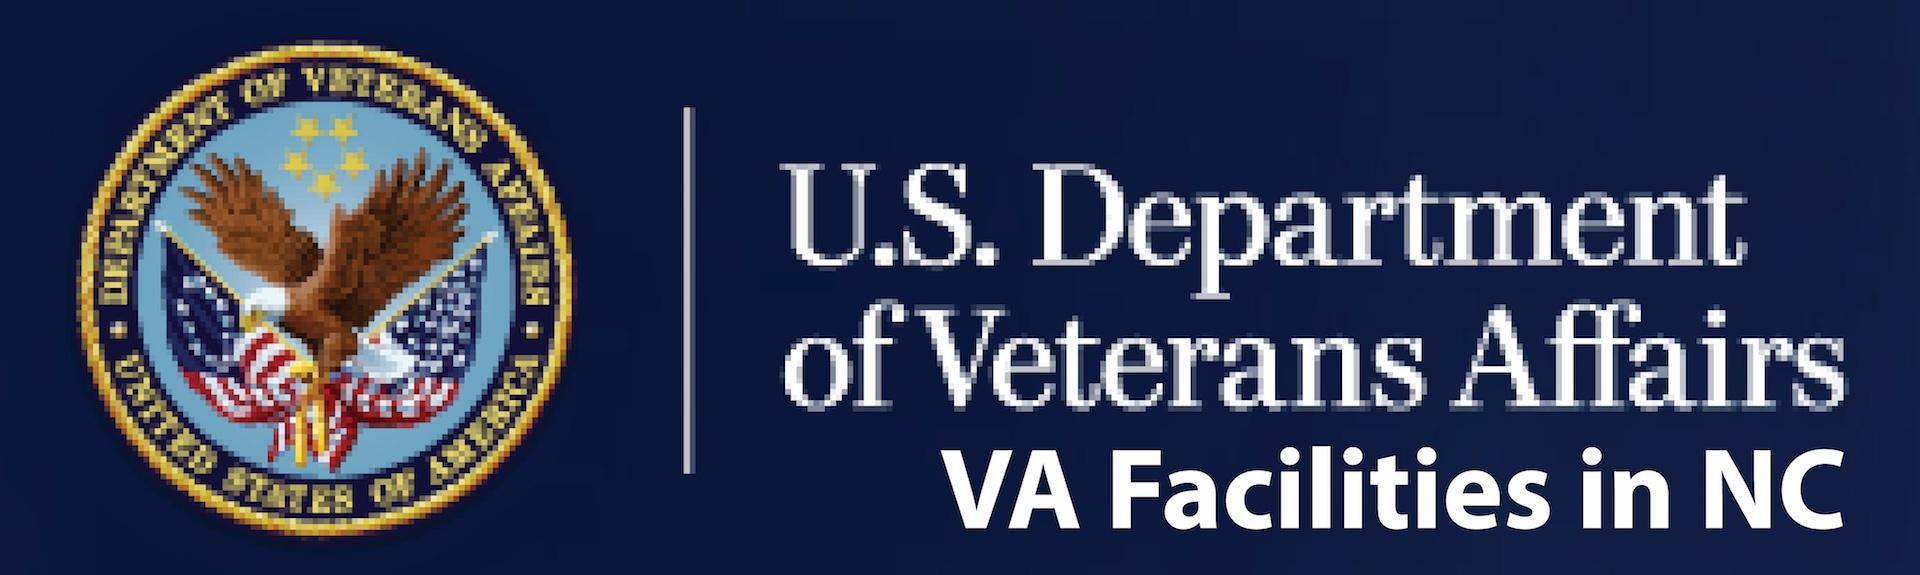 U.S. Department of Veterans Affair: VA Facilities in NC logo